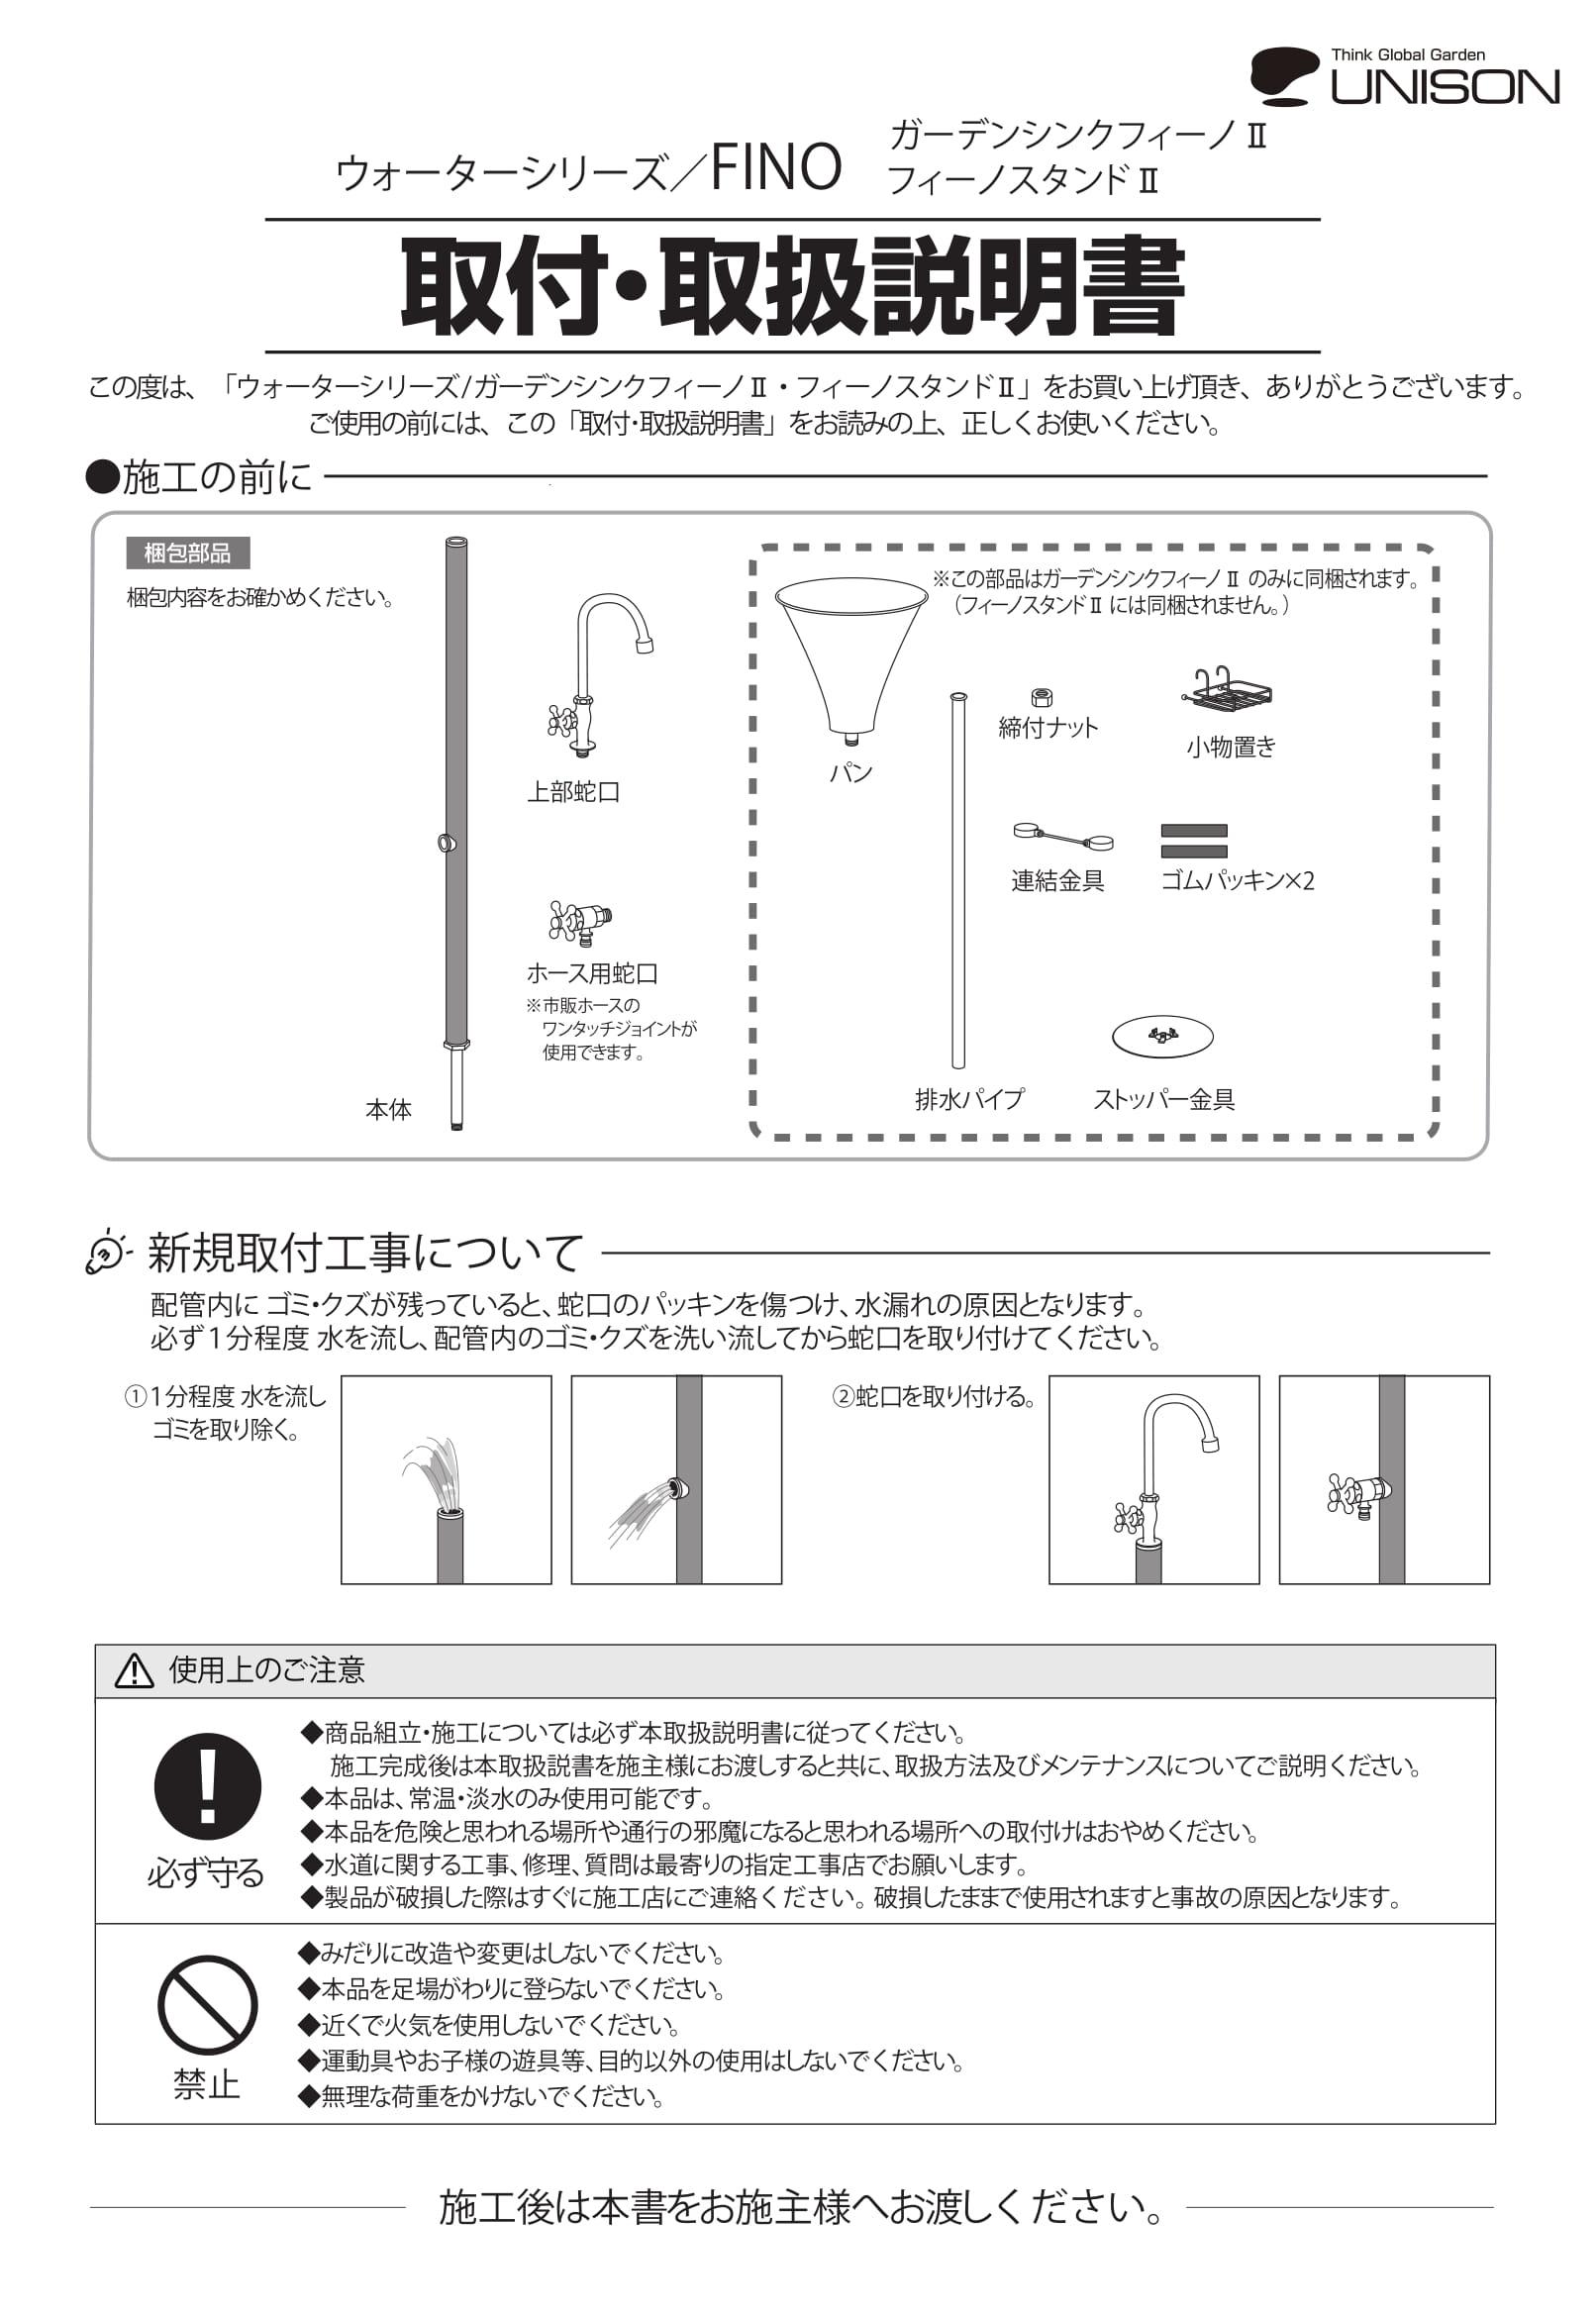 ガーデンシンクフィーノ2_取扱説明書-1